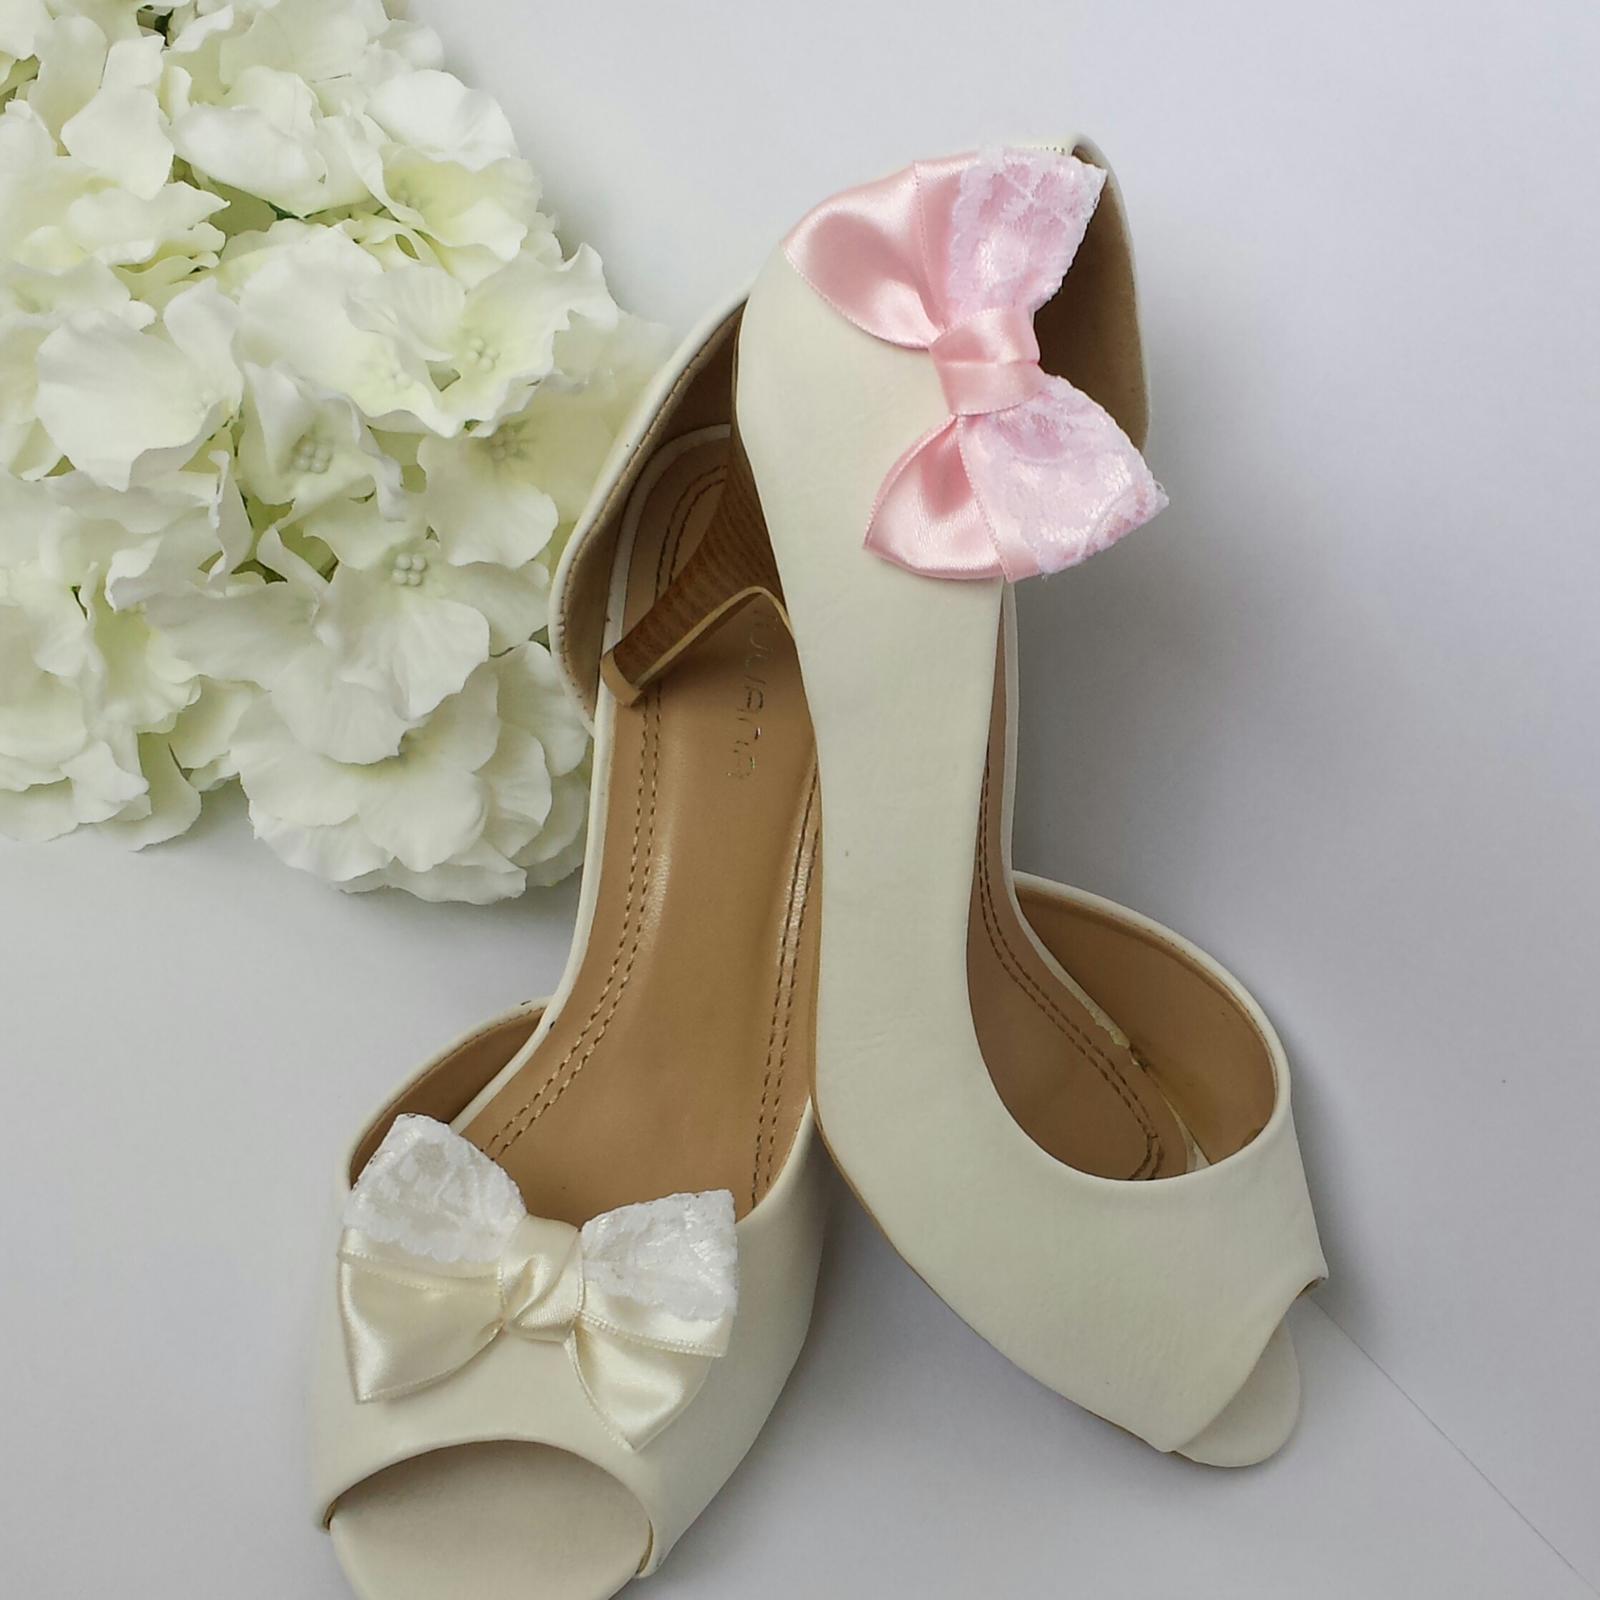 Bílé naušnice - hrozny s barvou vaší svatby - Obrázek č. 4